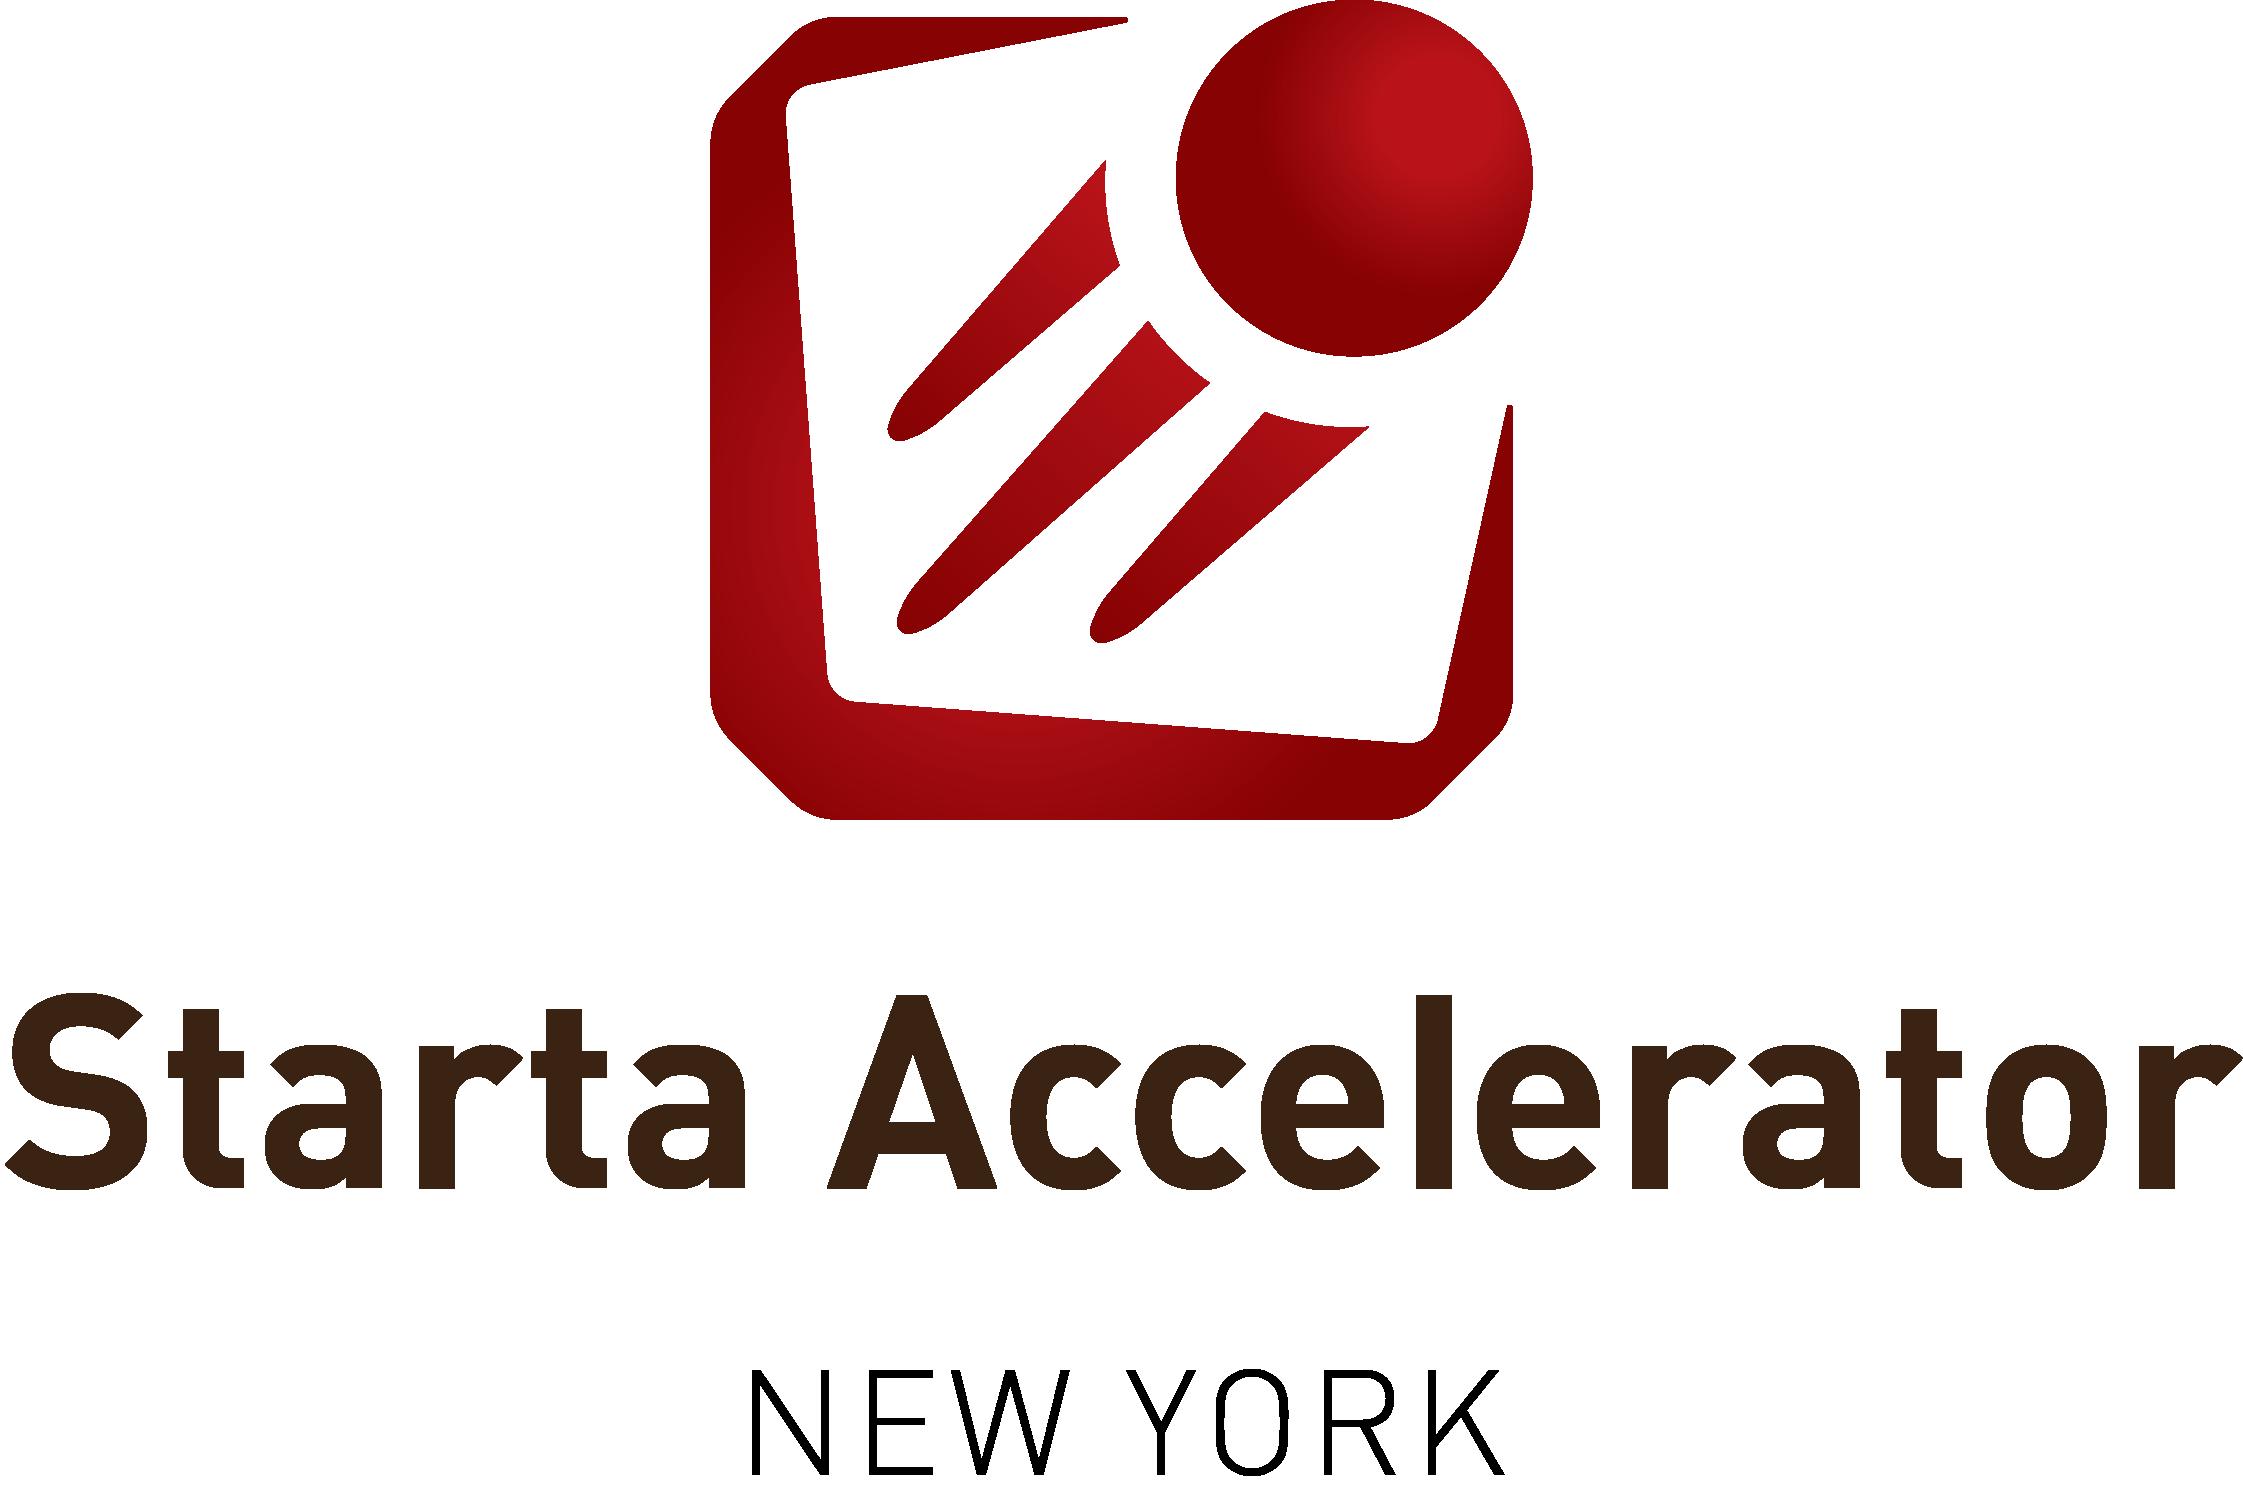 starta-accelerator-logo.png